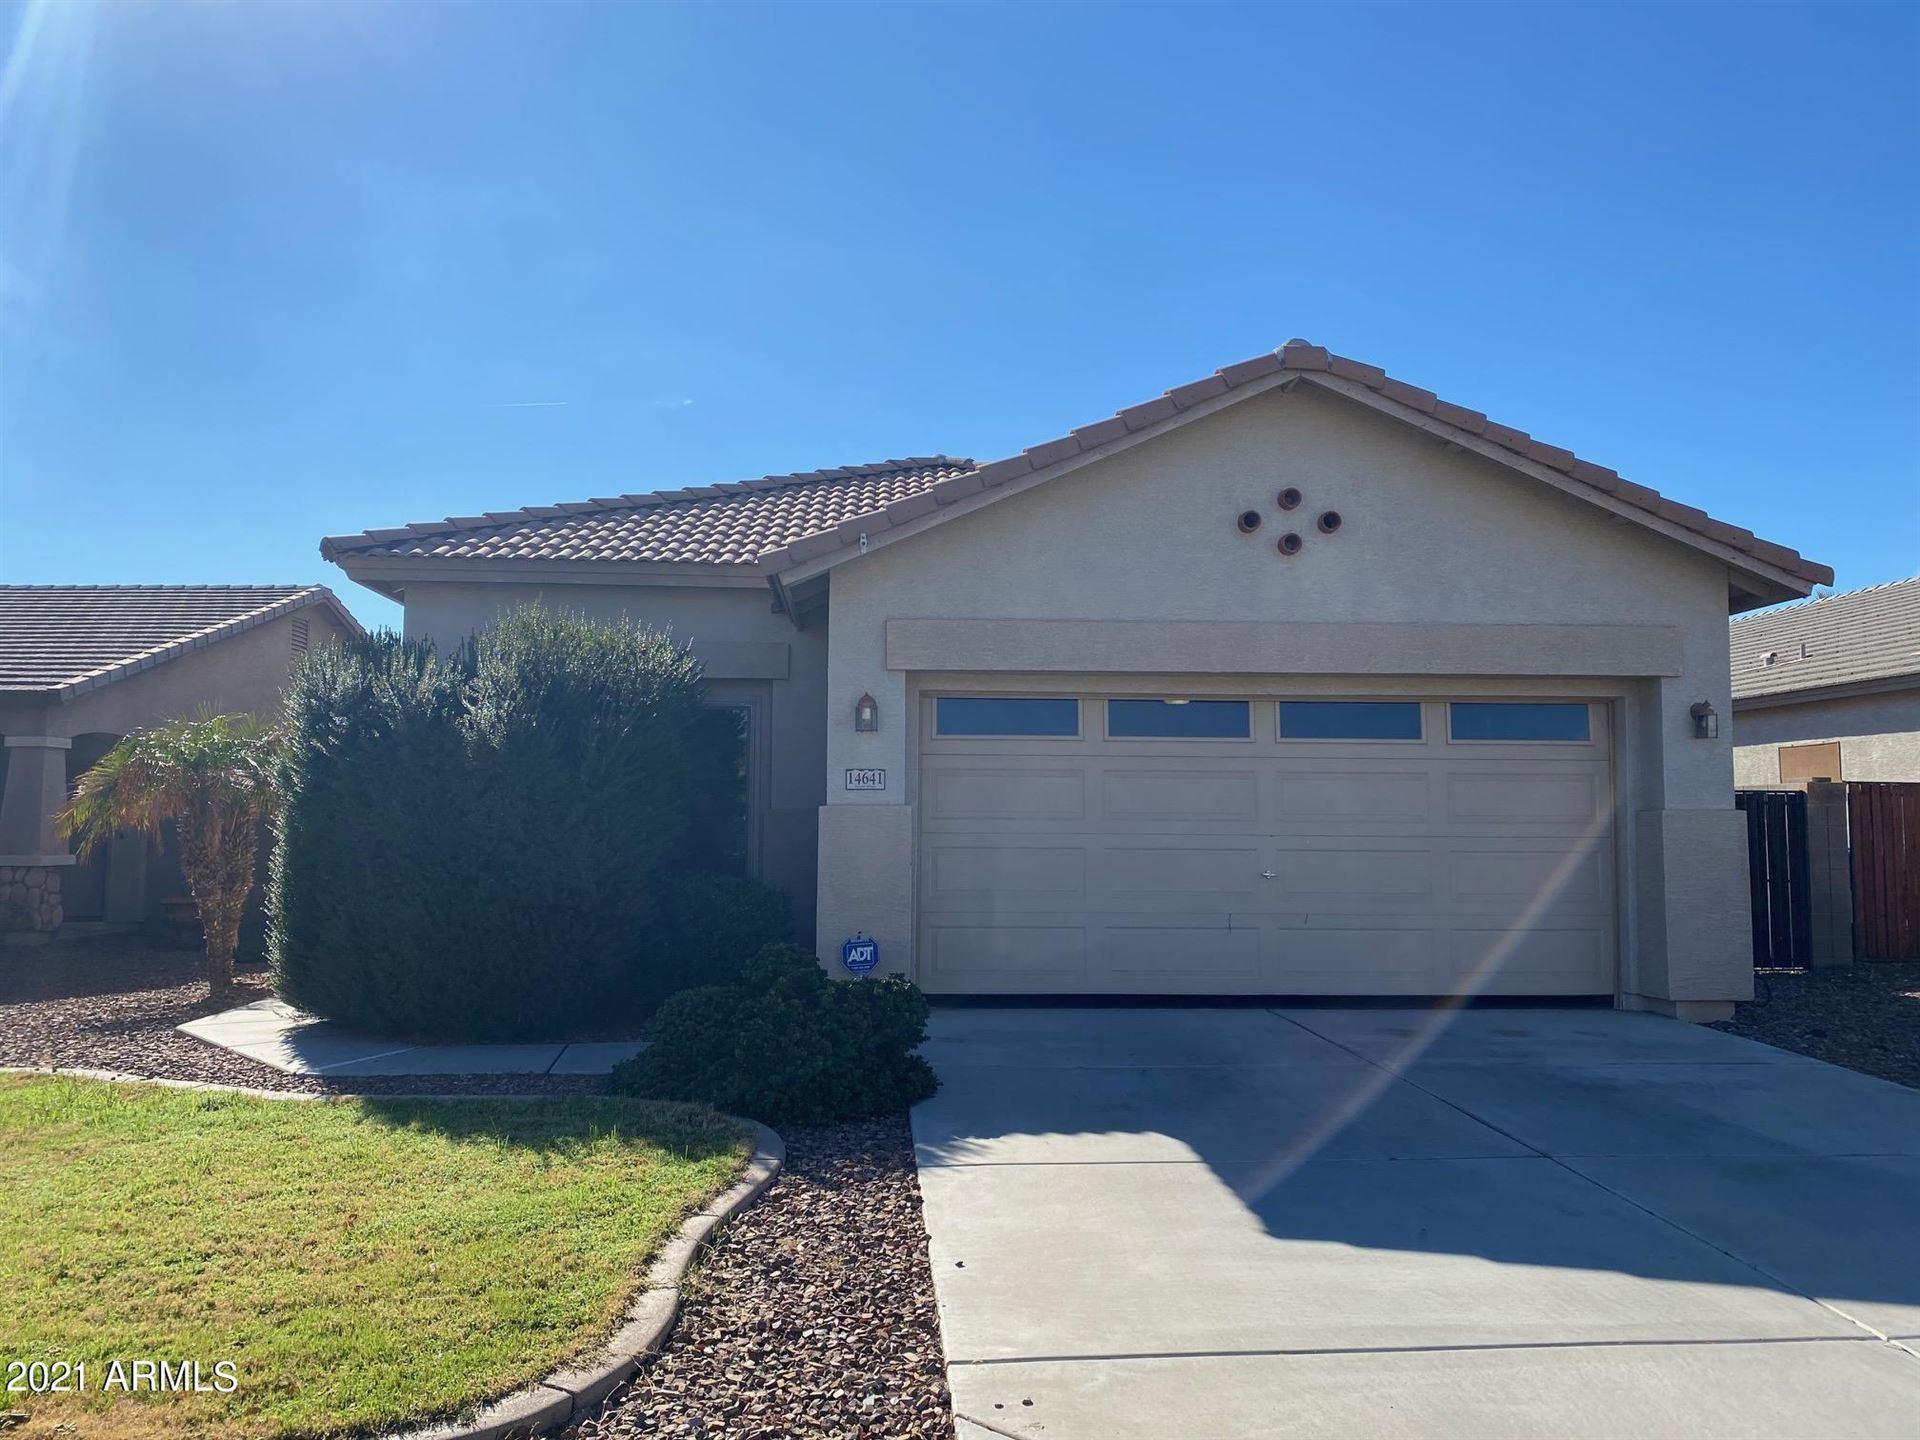 Photo of 14641 W HEARN Road, Surprise, AZ 85379 (MLS # 6200873)